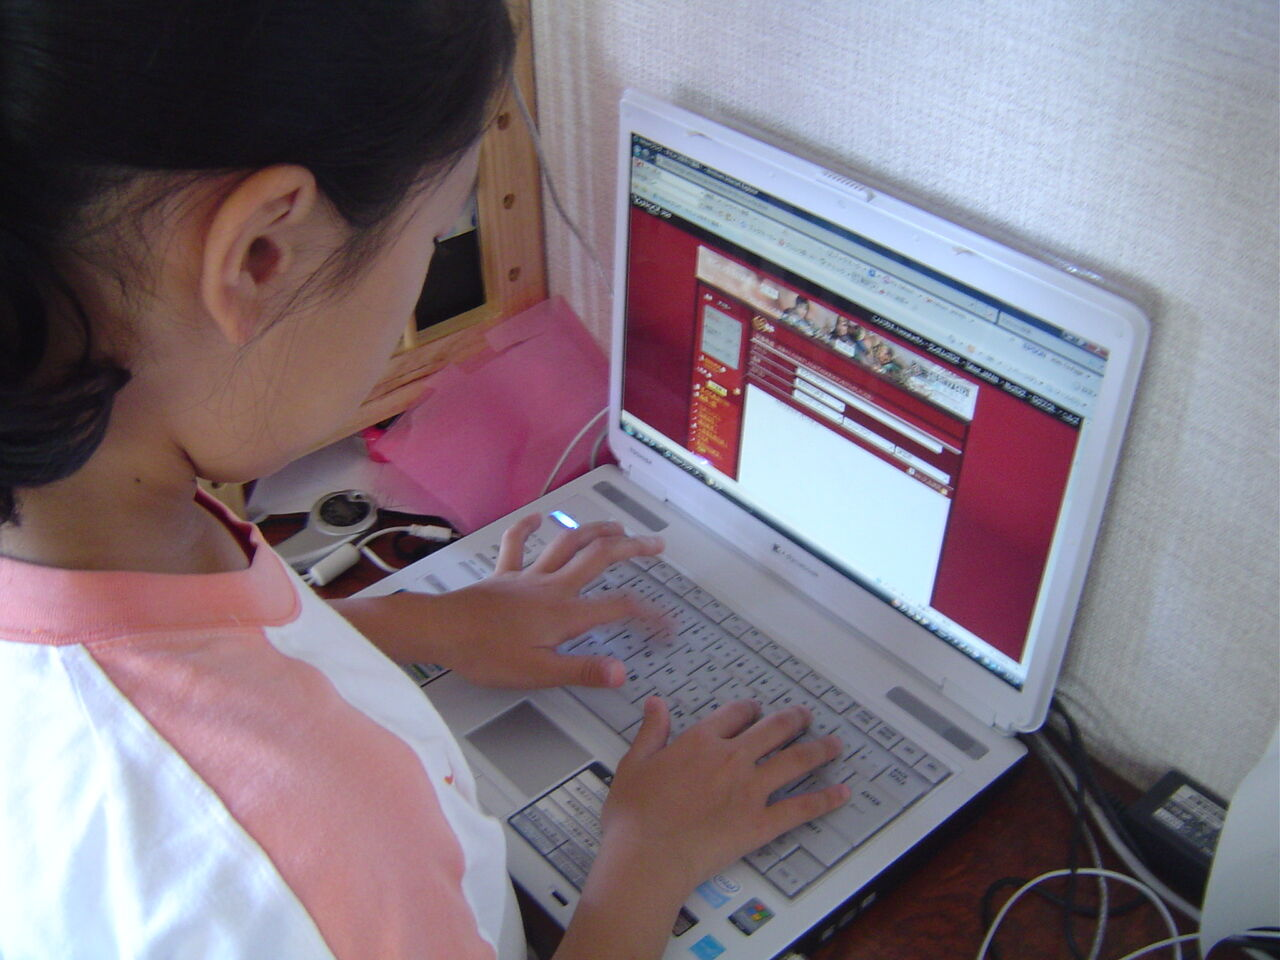 https://livedoor.blogimg.jp/ikouyou_1204/imgs/c/a/ca5db132.jpg